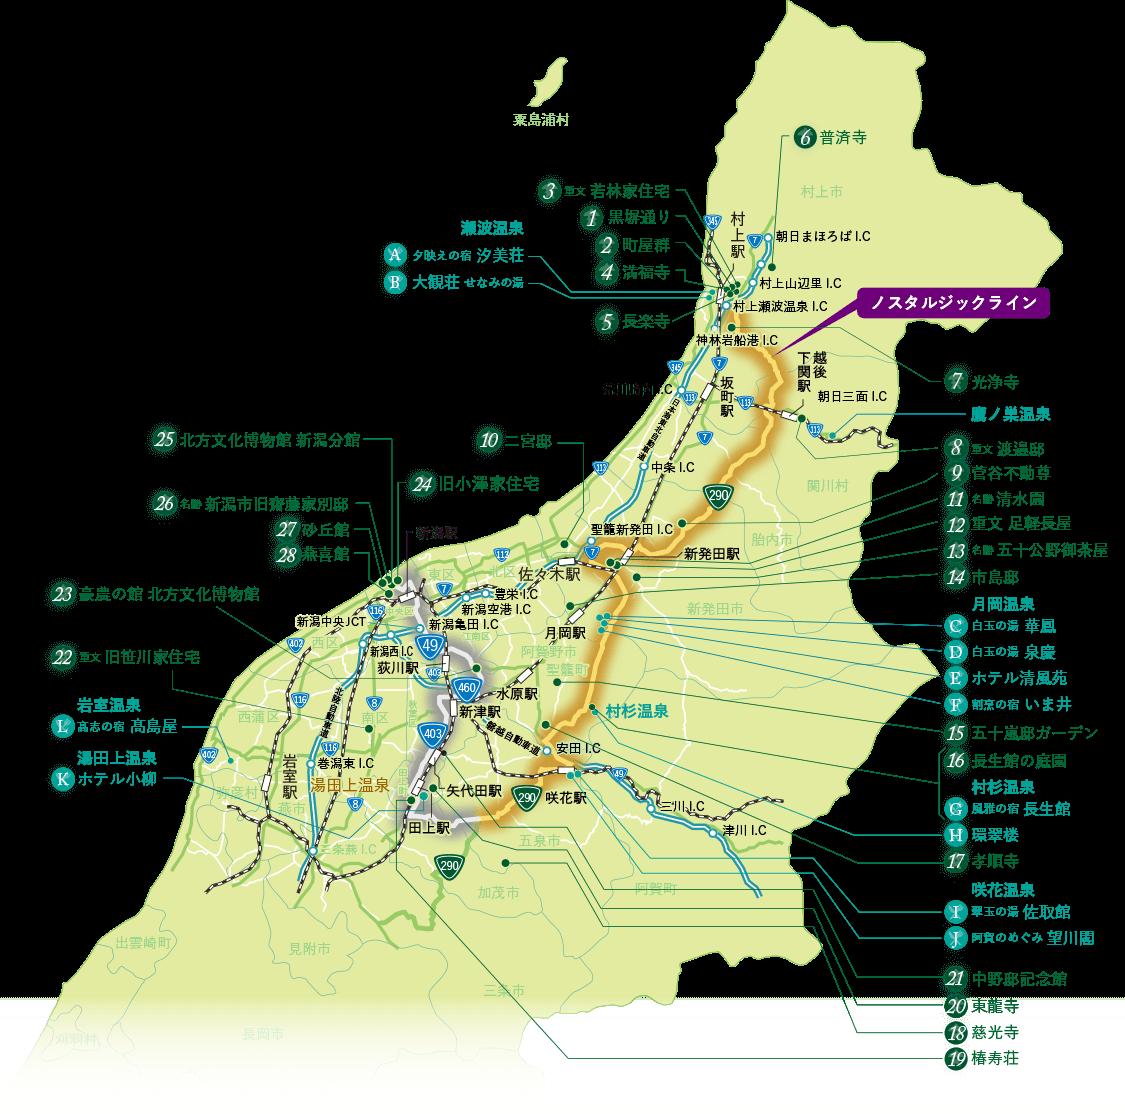 ノスタルジックライン マップ